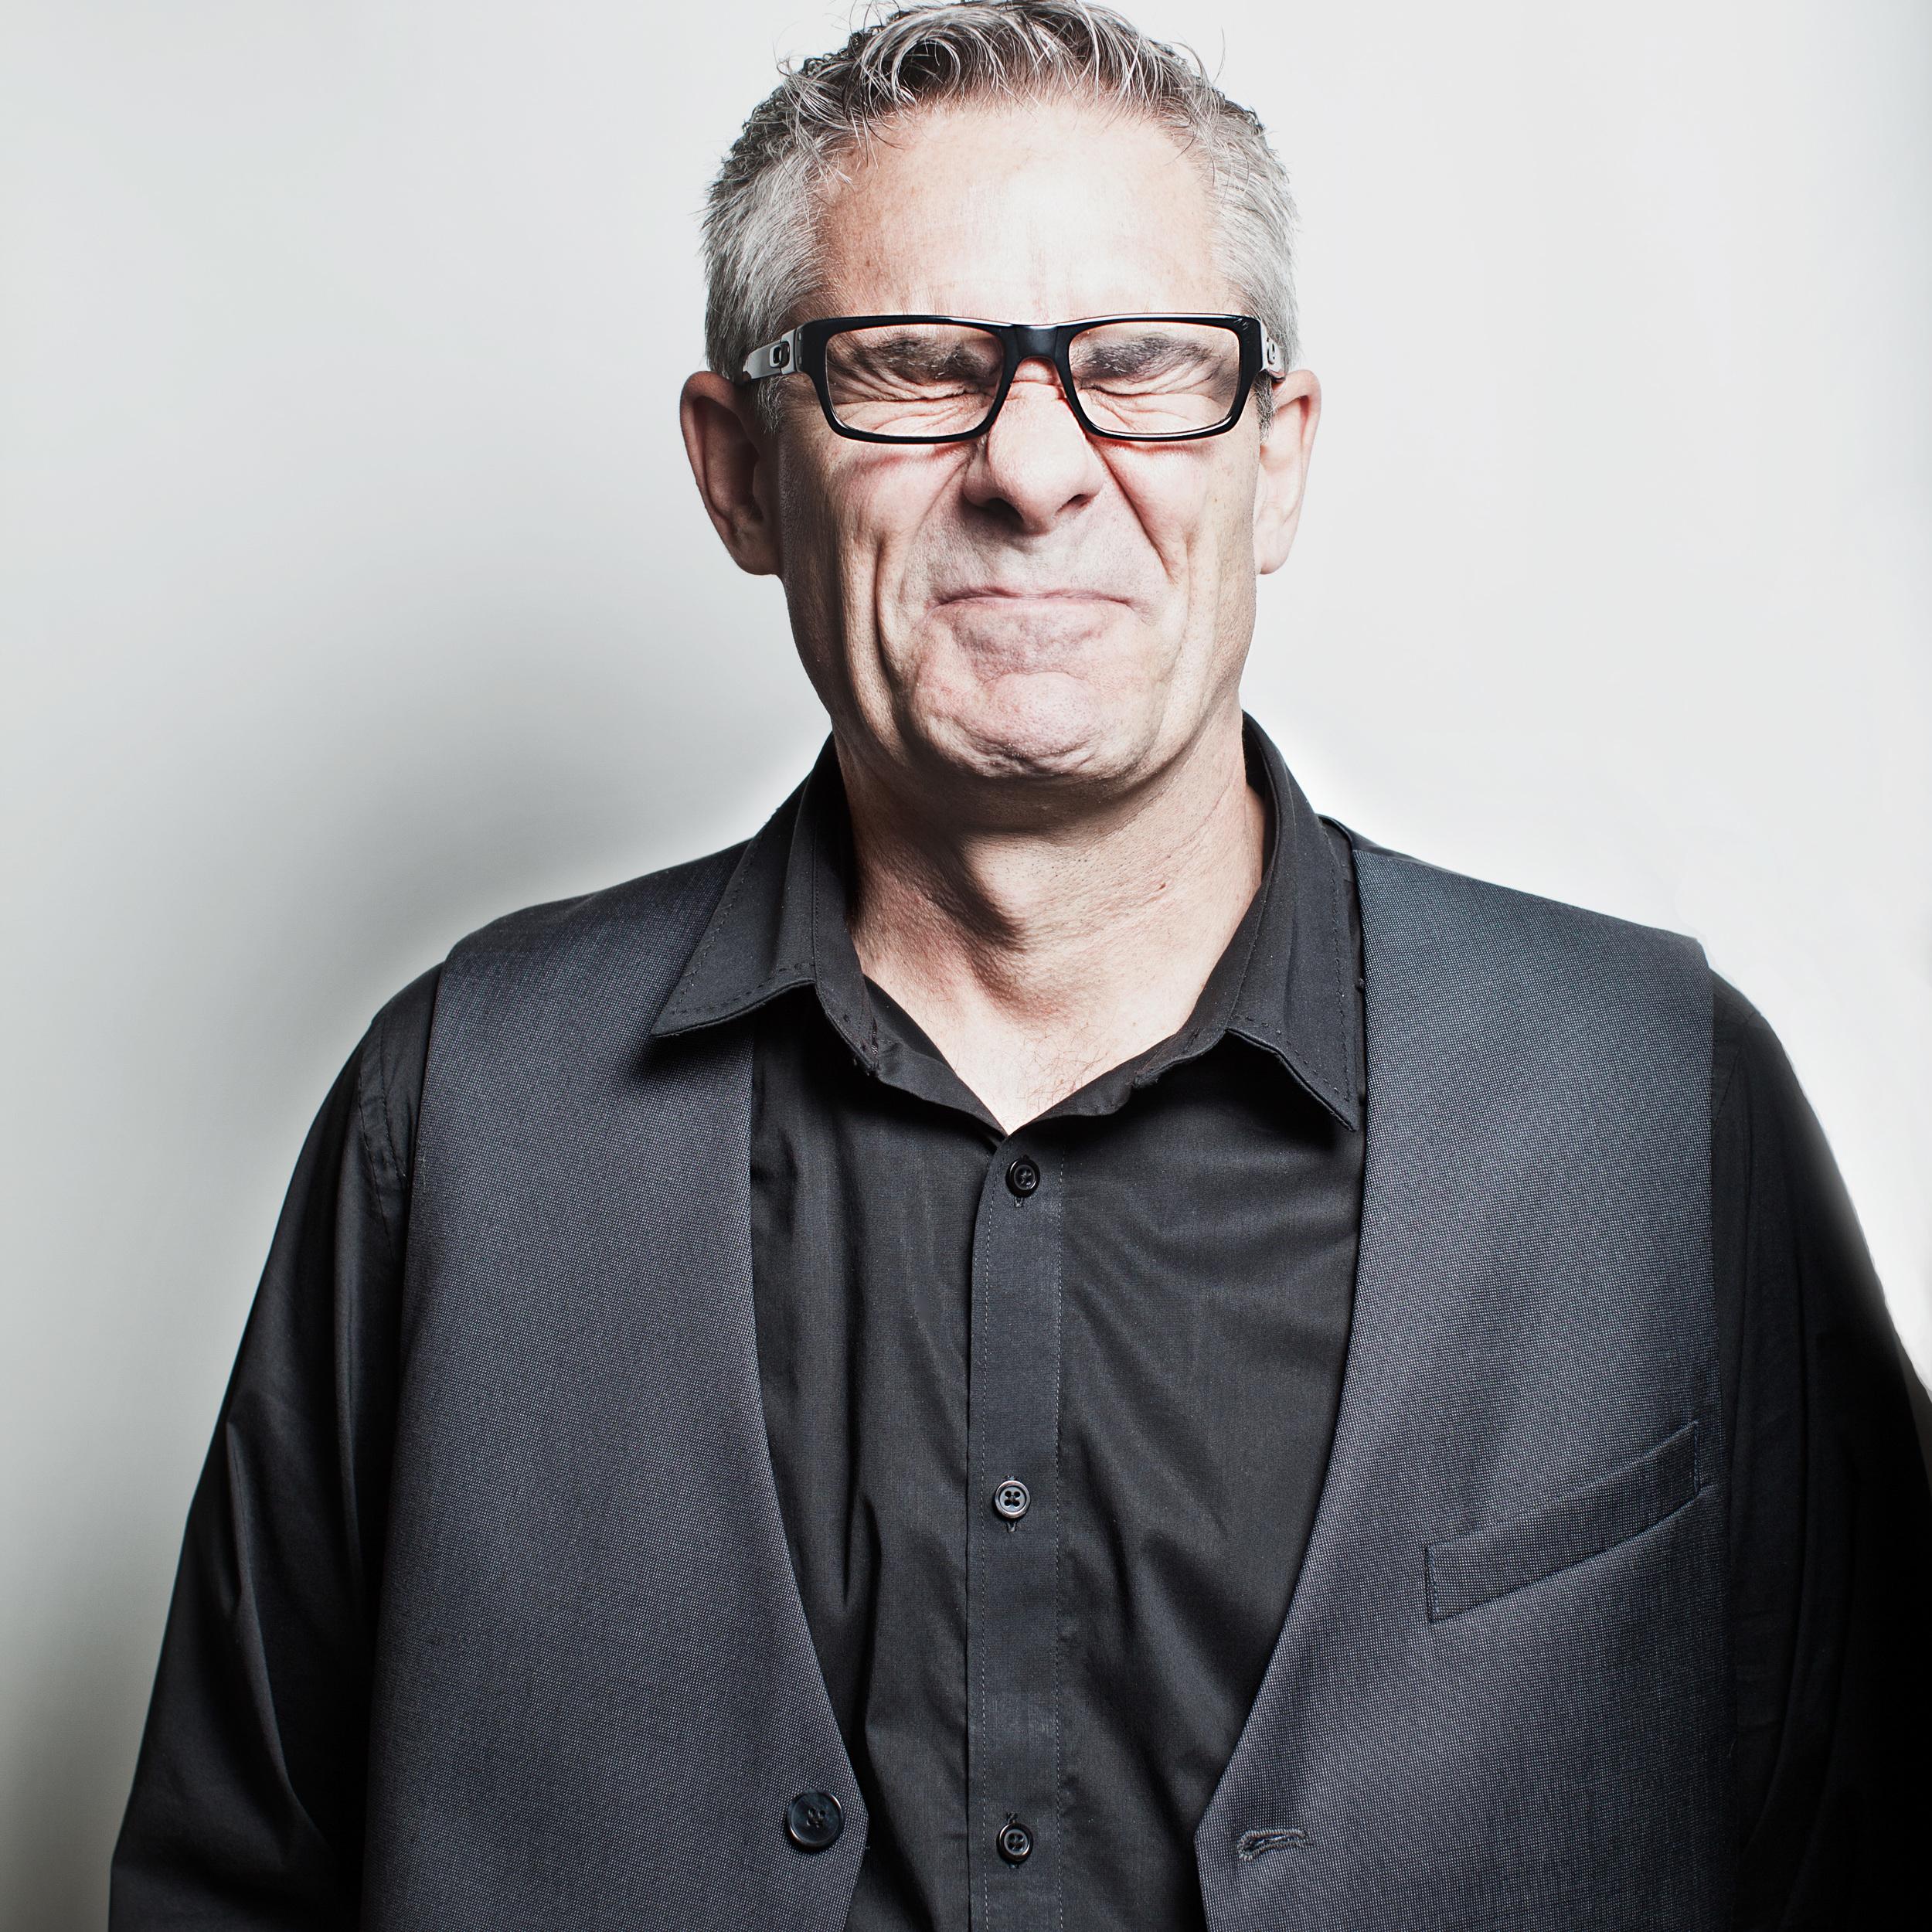 DANIEL BARRETTE Technicien principal